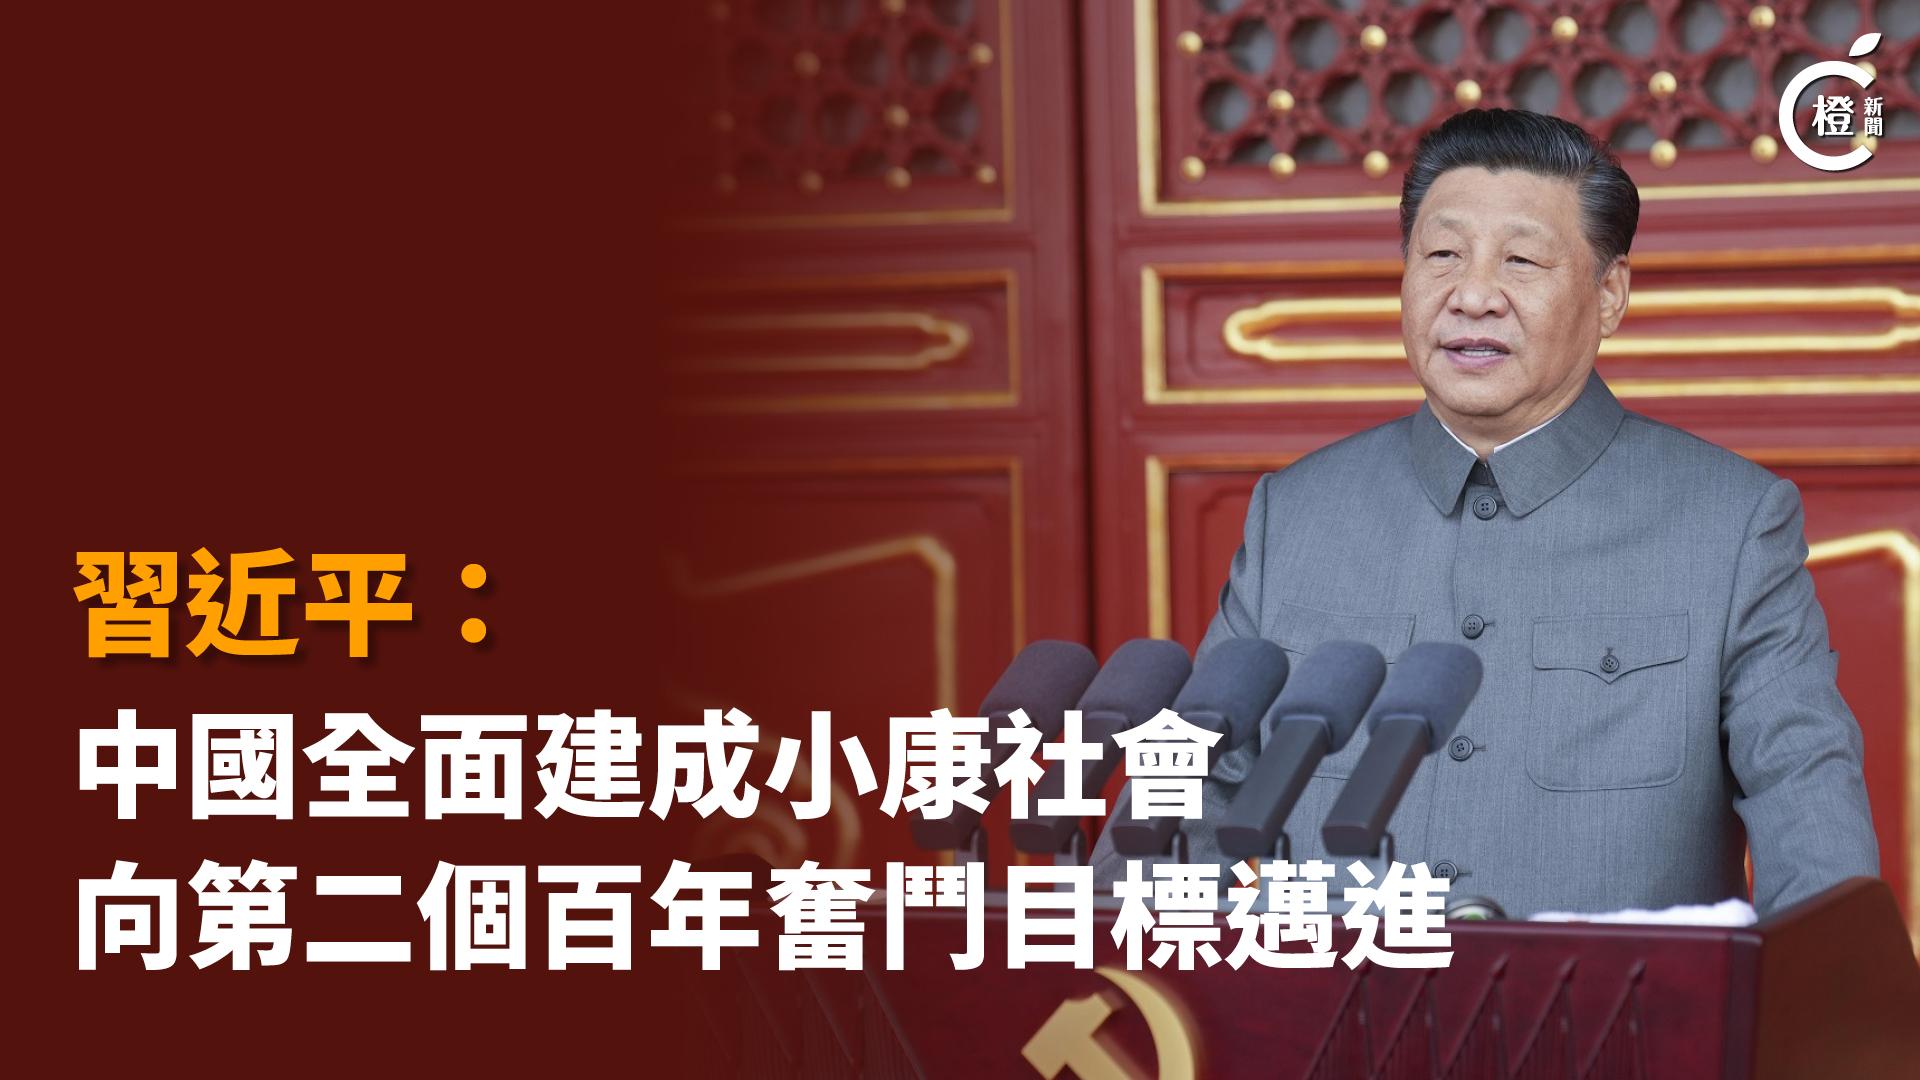 【一圖睇晒】習近平:中國全面建成小康社會 向第二個百年奮鬥目標邁進